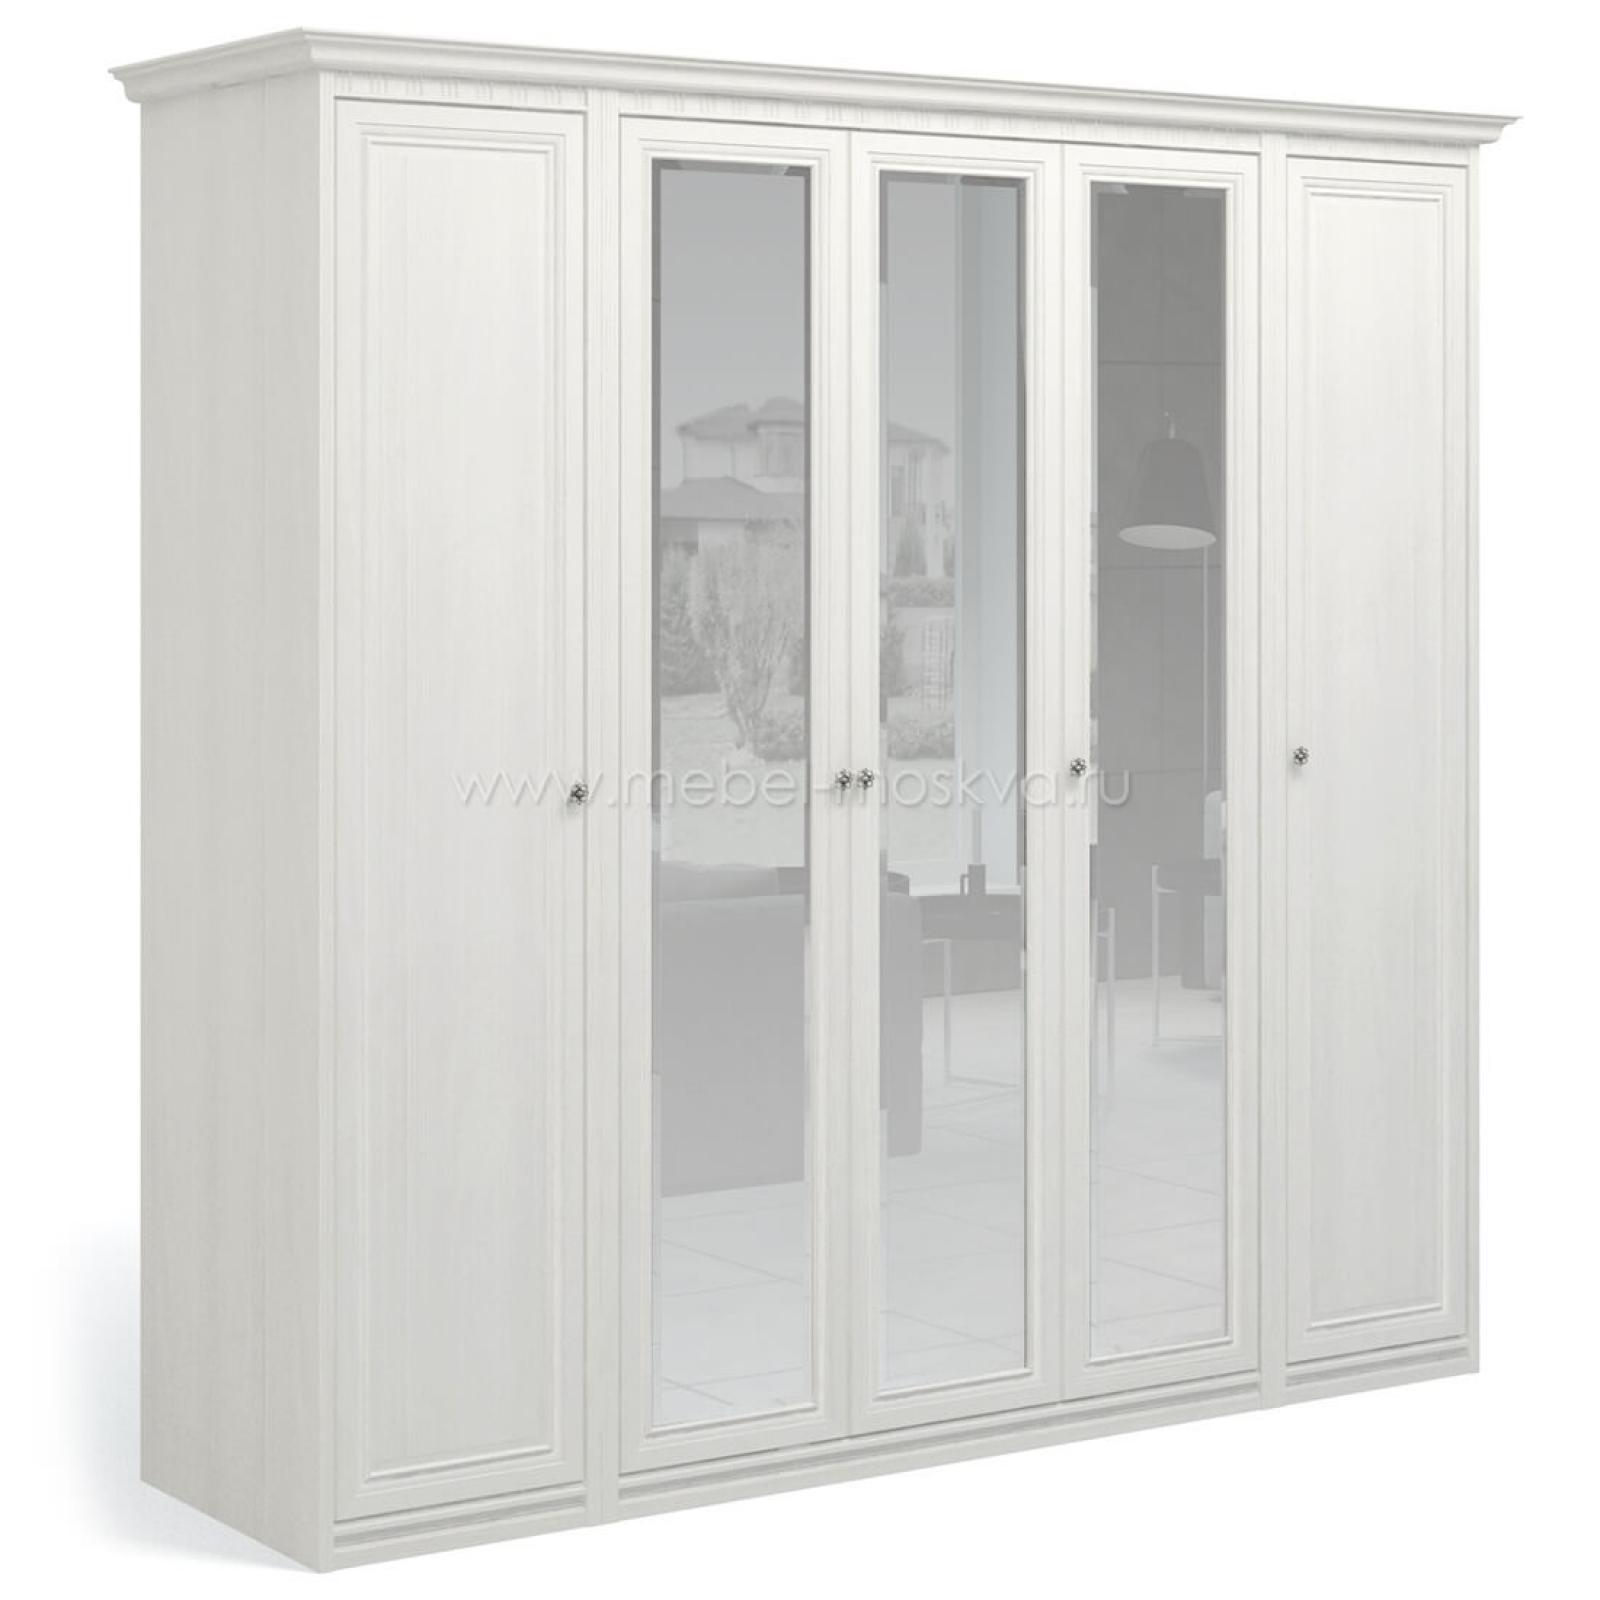 """""""Рапсодия ИДА"""" И355.15 Шкаф для одежды и белья 5-ти дв. 3 зеркала - 2"""